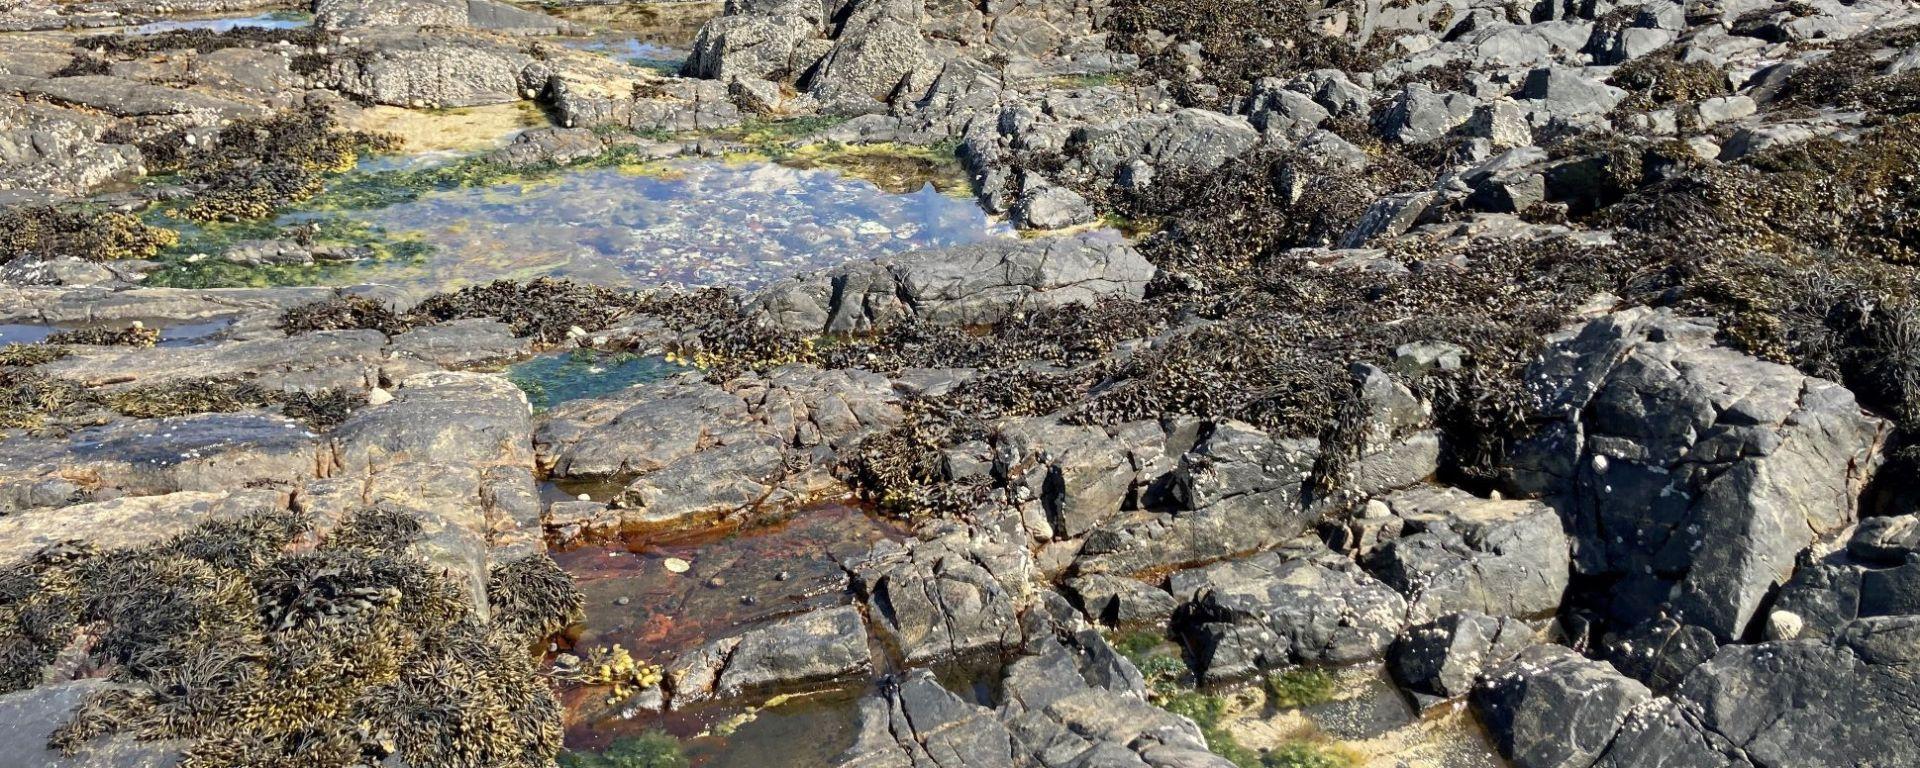 Rockpools on the west coast of Scotland